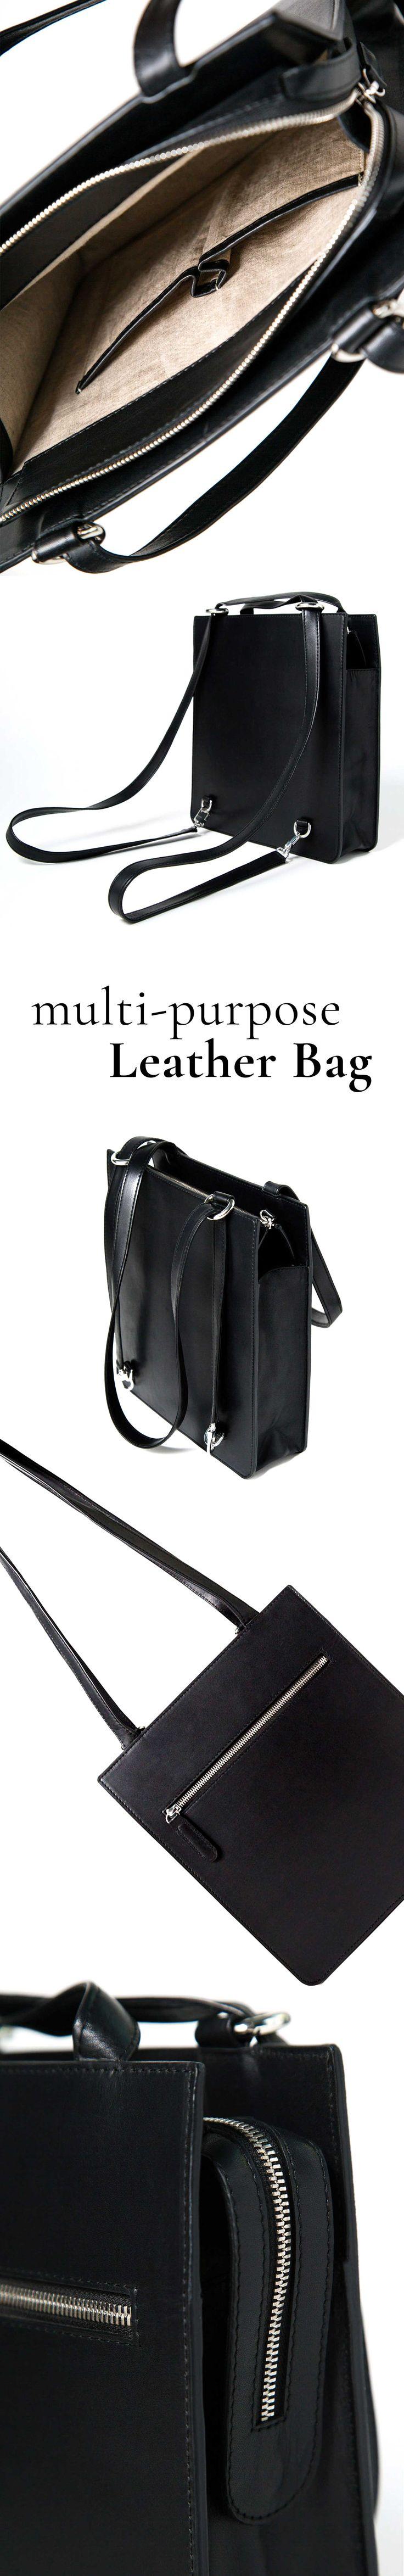 Very high quality, black, multi-purpose leather bag. #luxury #handbag #fashion